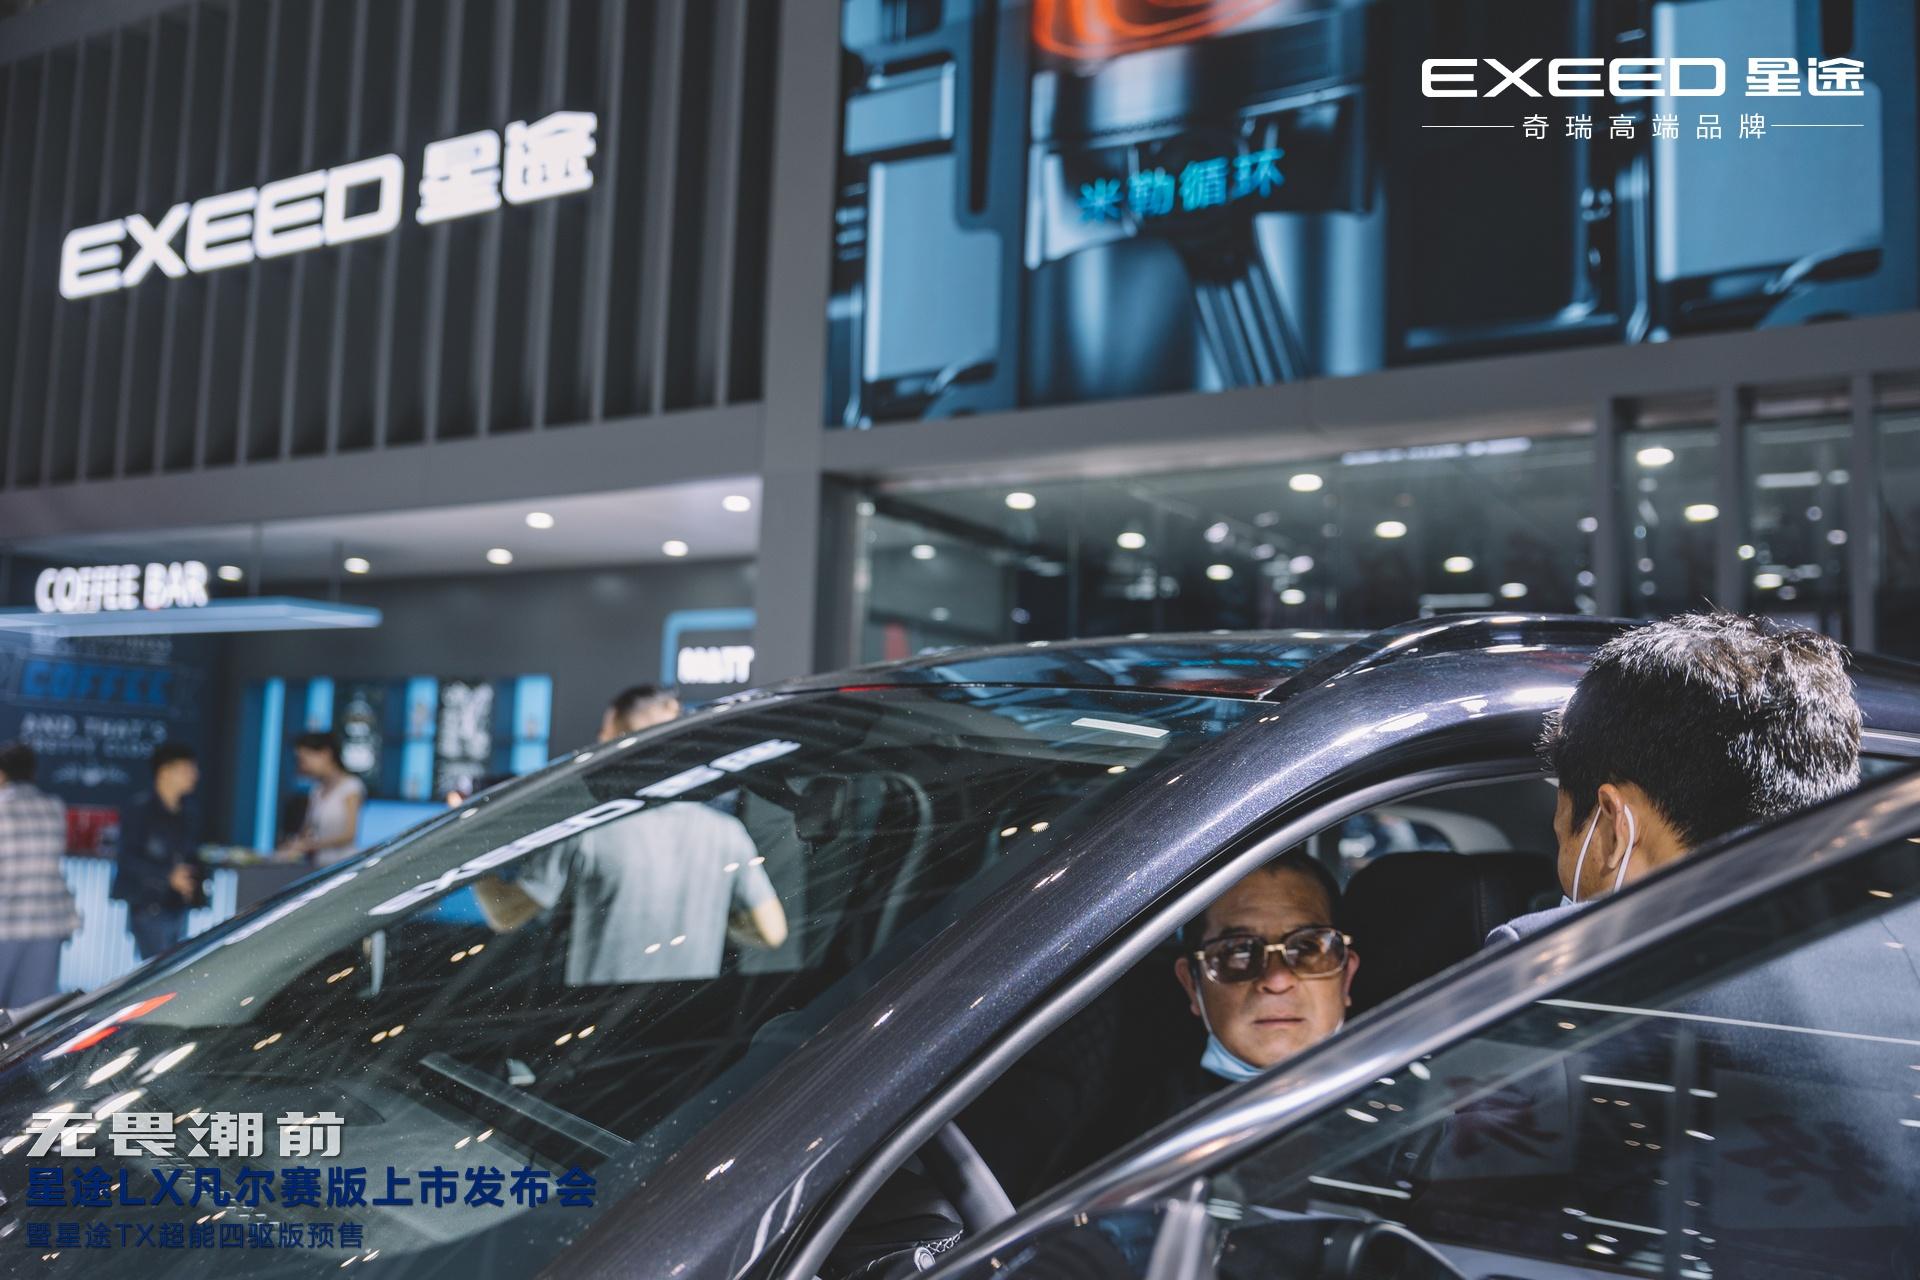 11.99万元起售 星途LX凡尔赛版西安上市暨TX超能四驱版同步预售